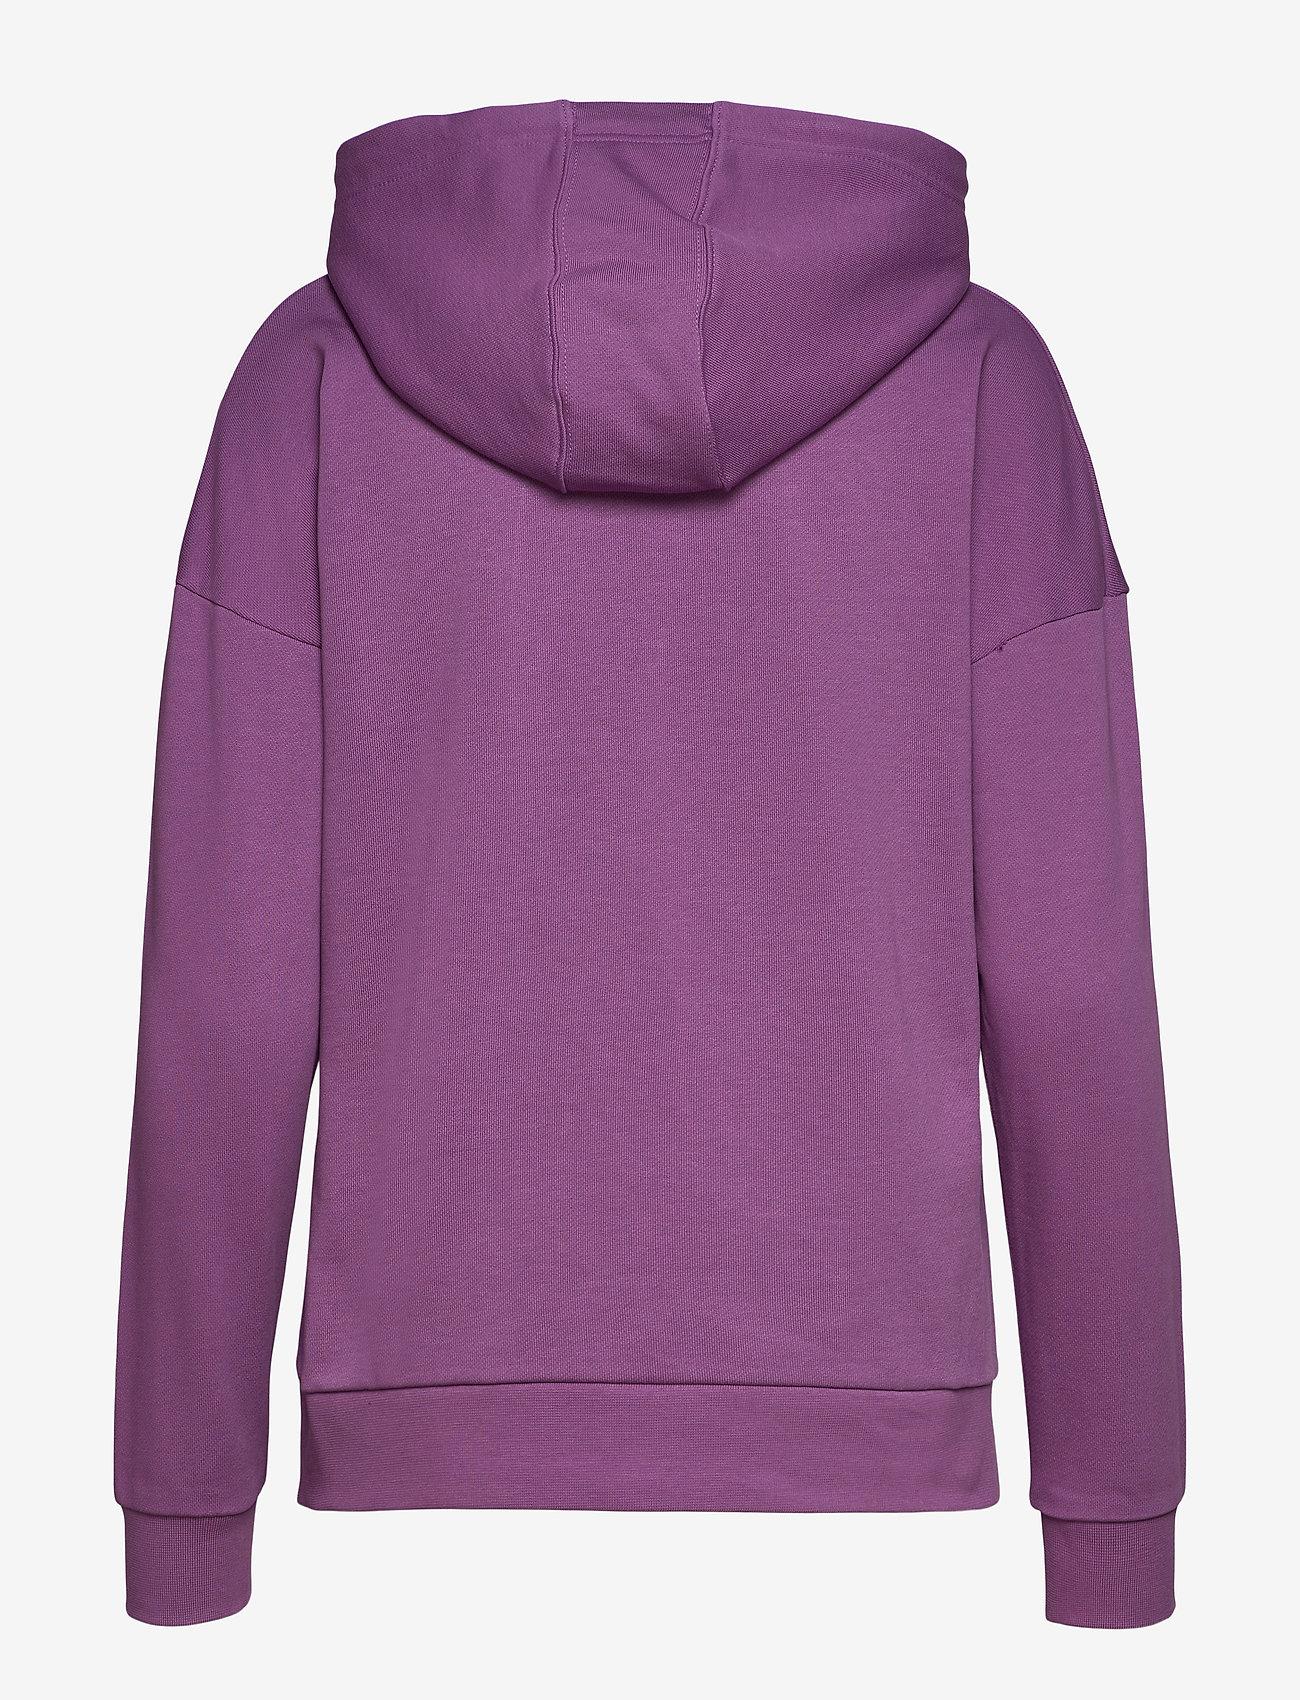 Lyle & Scott - Hoodie - sweatshirts & hoodies - dark thistle - 1